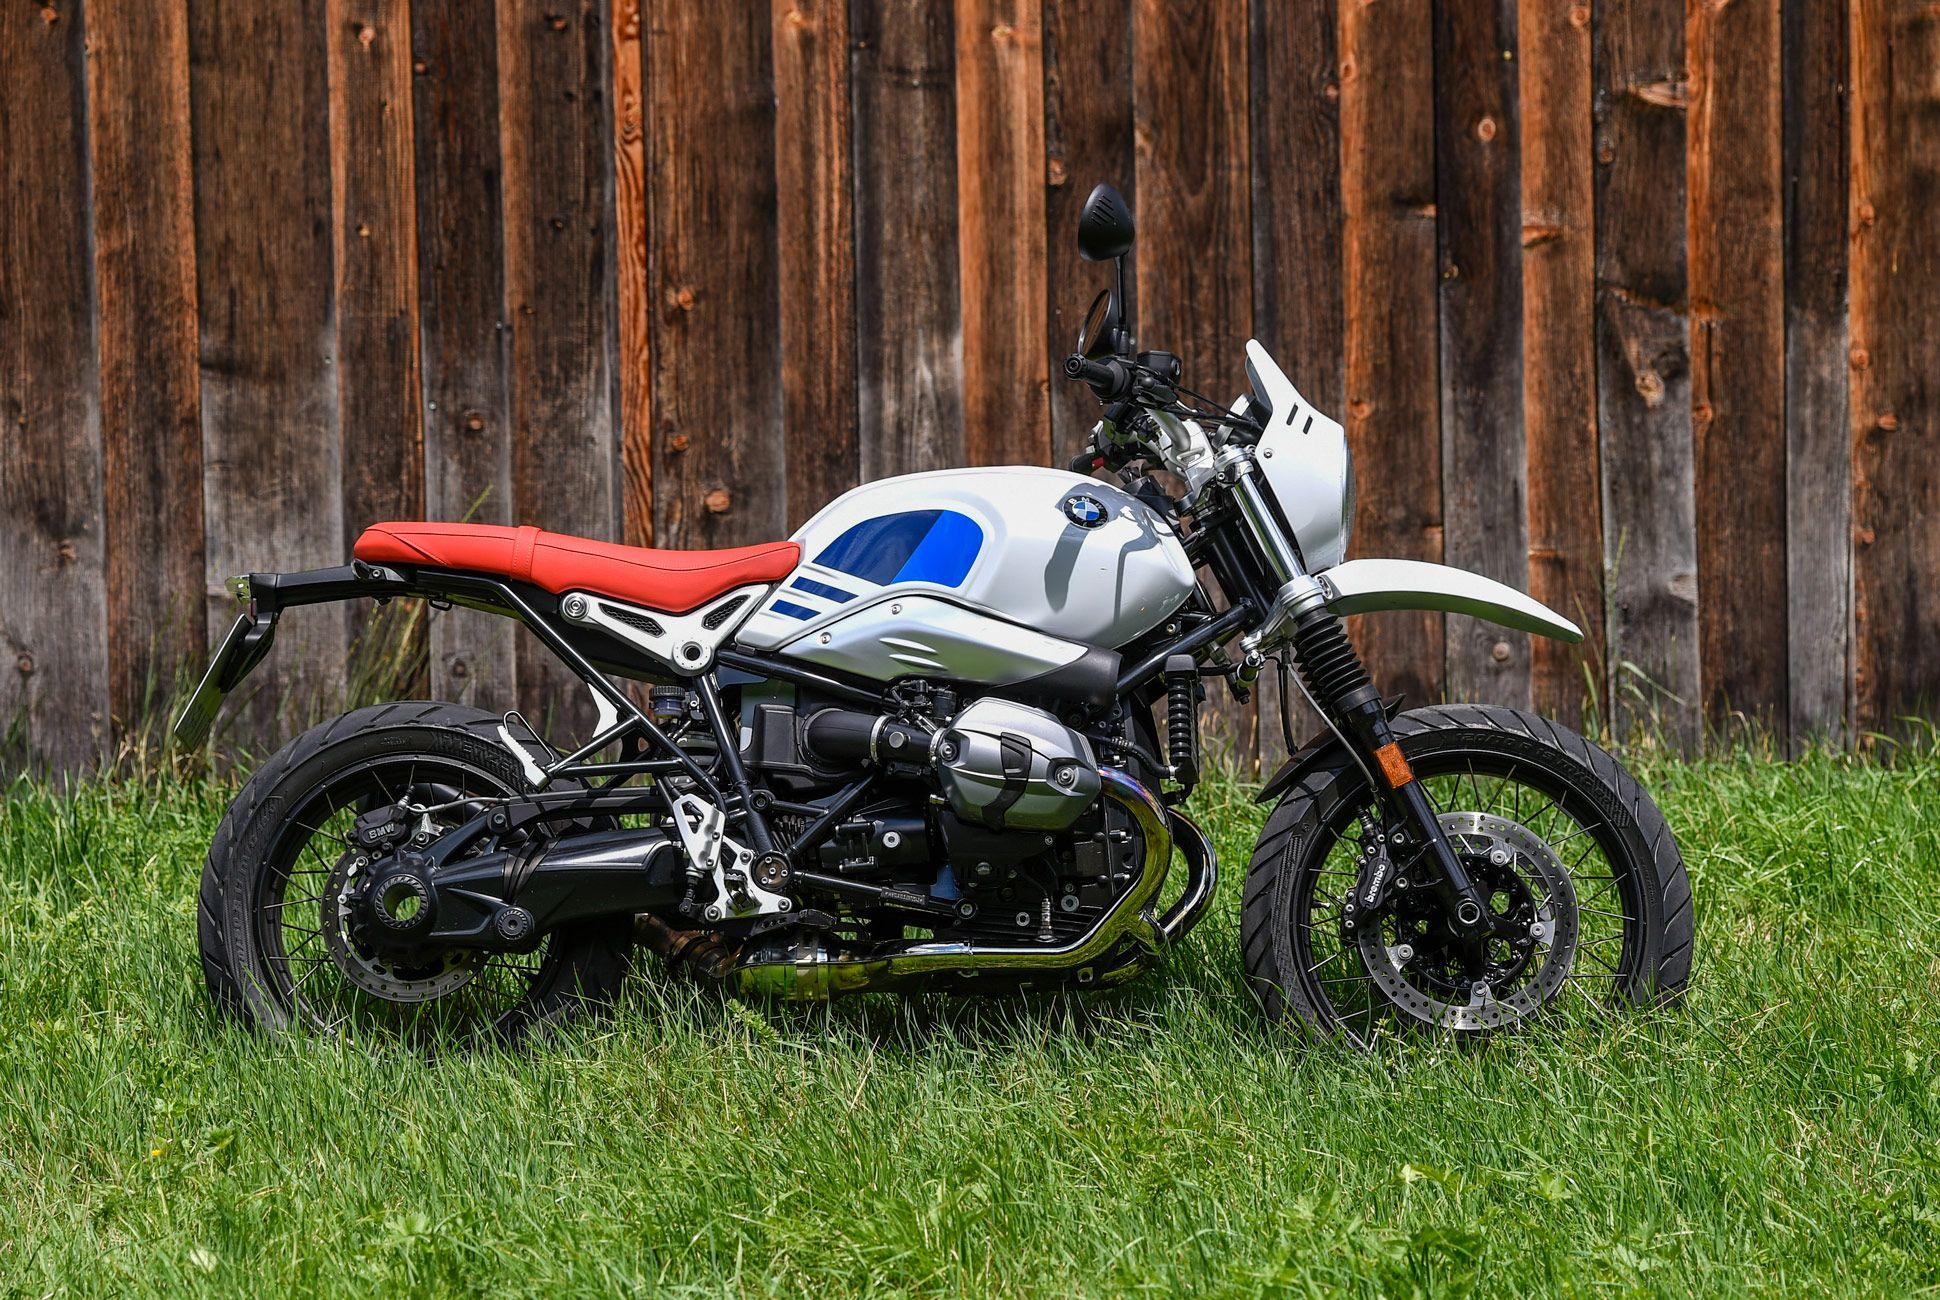 BMW-RnineT-Urban-GS-Gear-Patrol-Slide-3